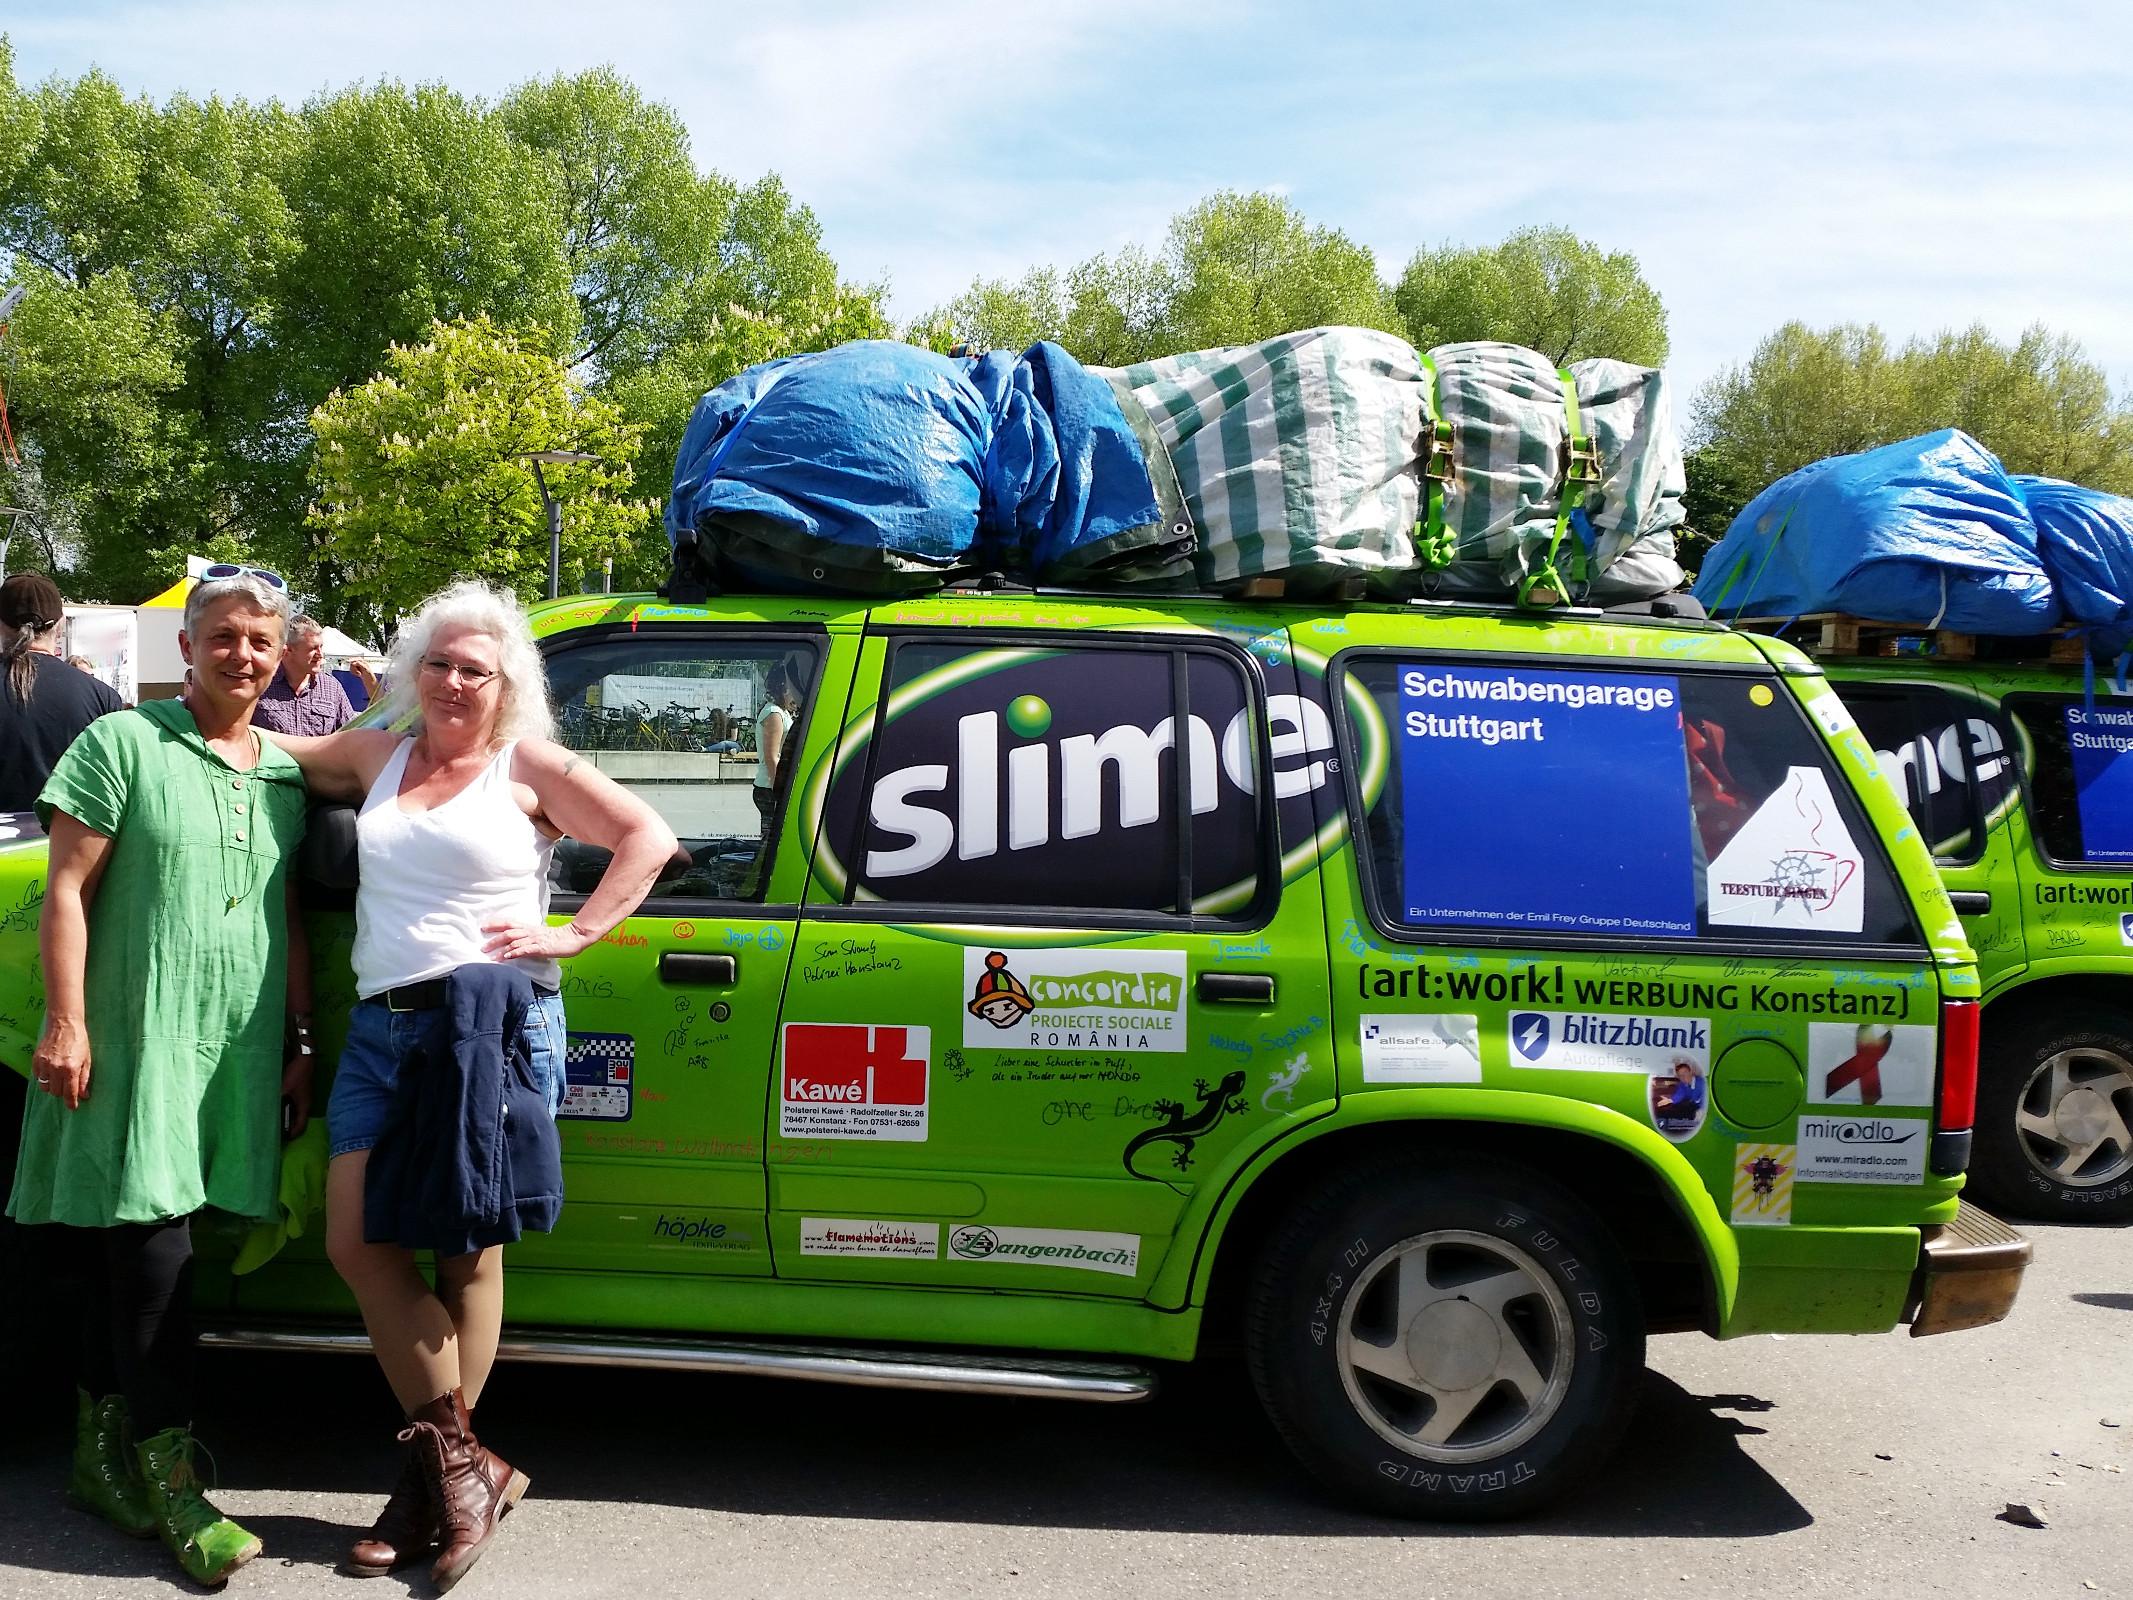 Fahrerin des Mädelteams und Ute von miradlo am 8.5. -Team RallyeViators aus Konstanz bei der Allgäu-Orient-Rallye 2015 nach Amman, Jordanien